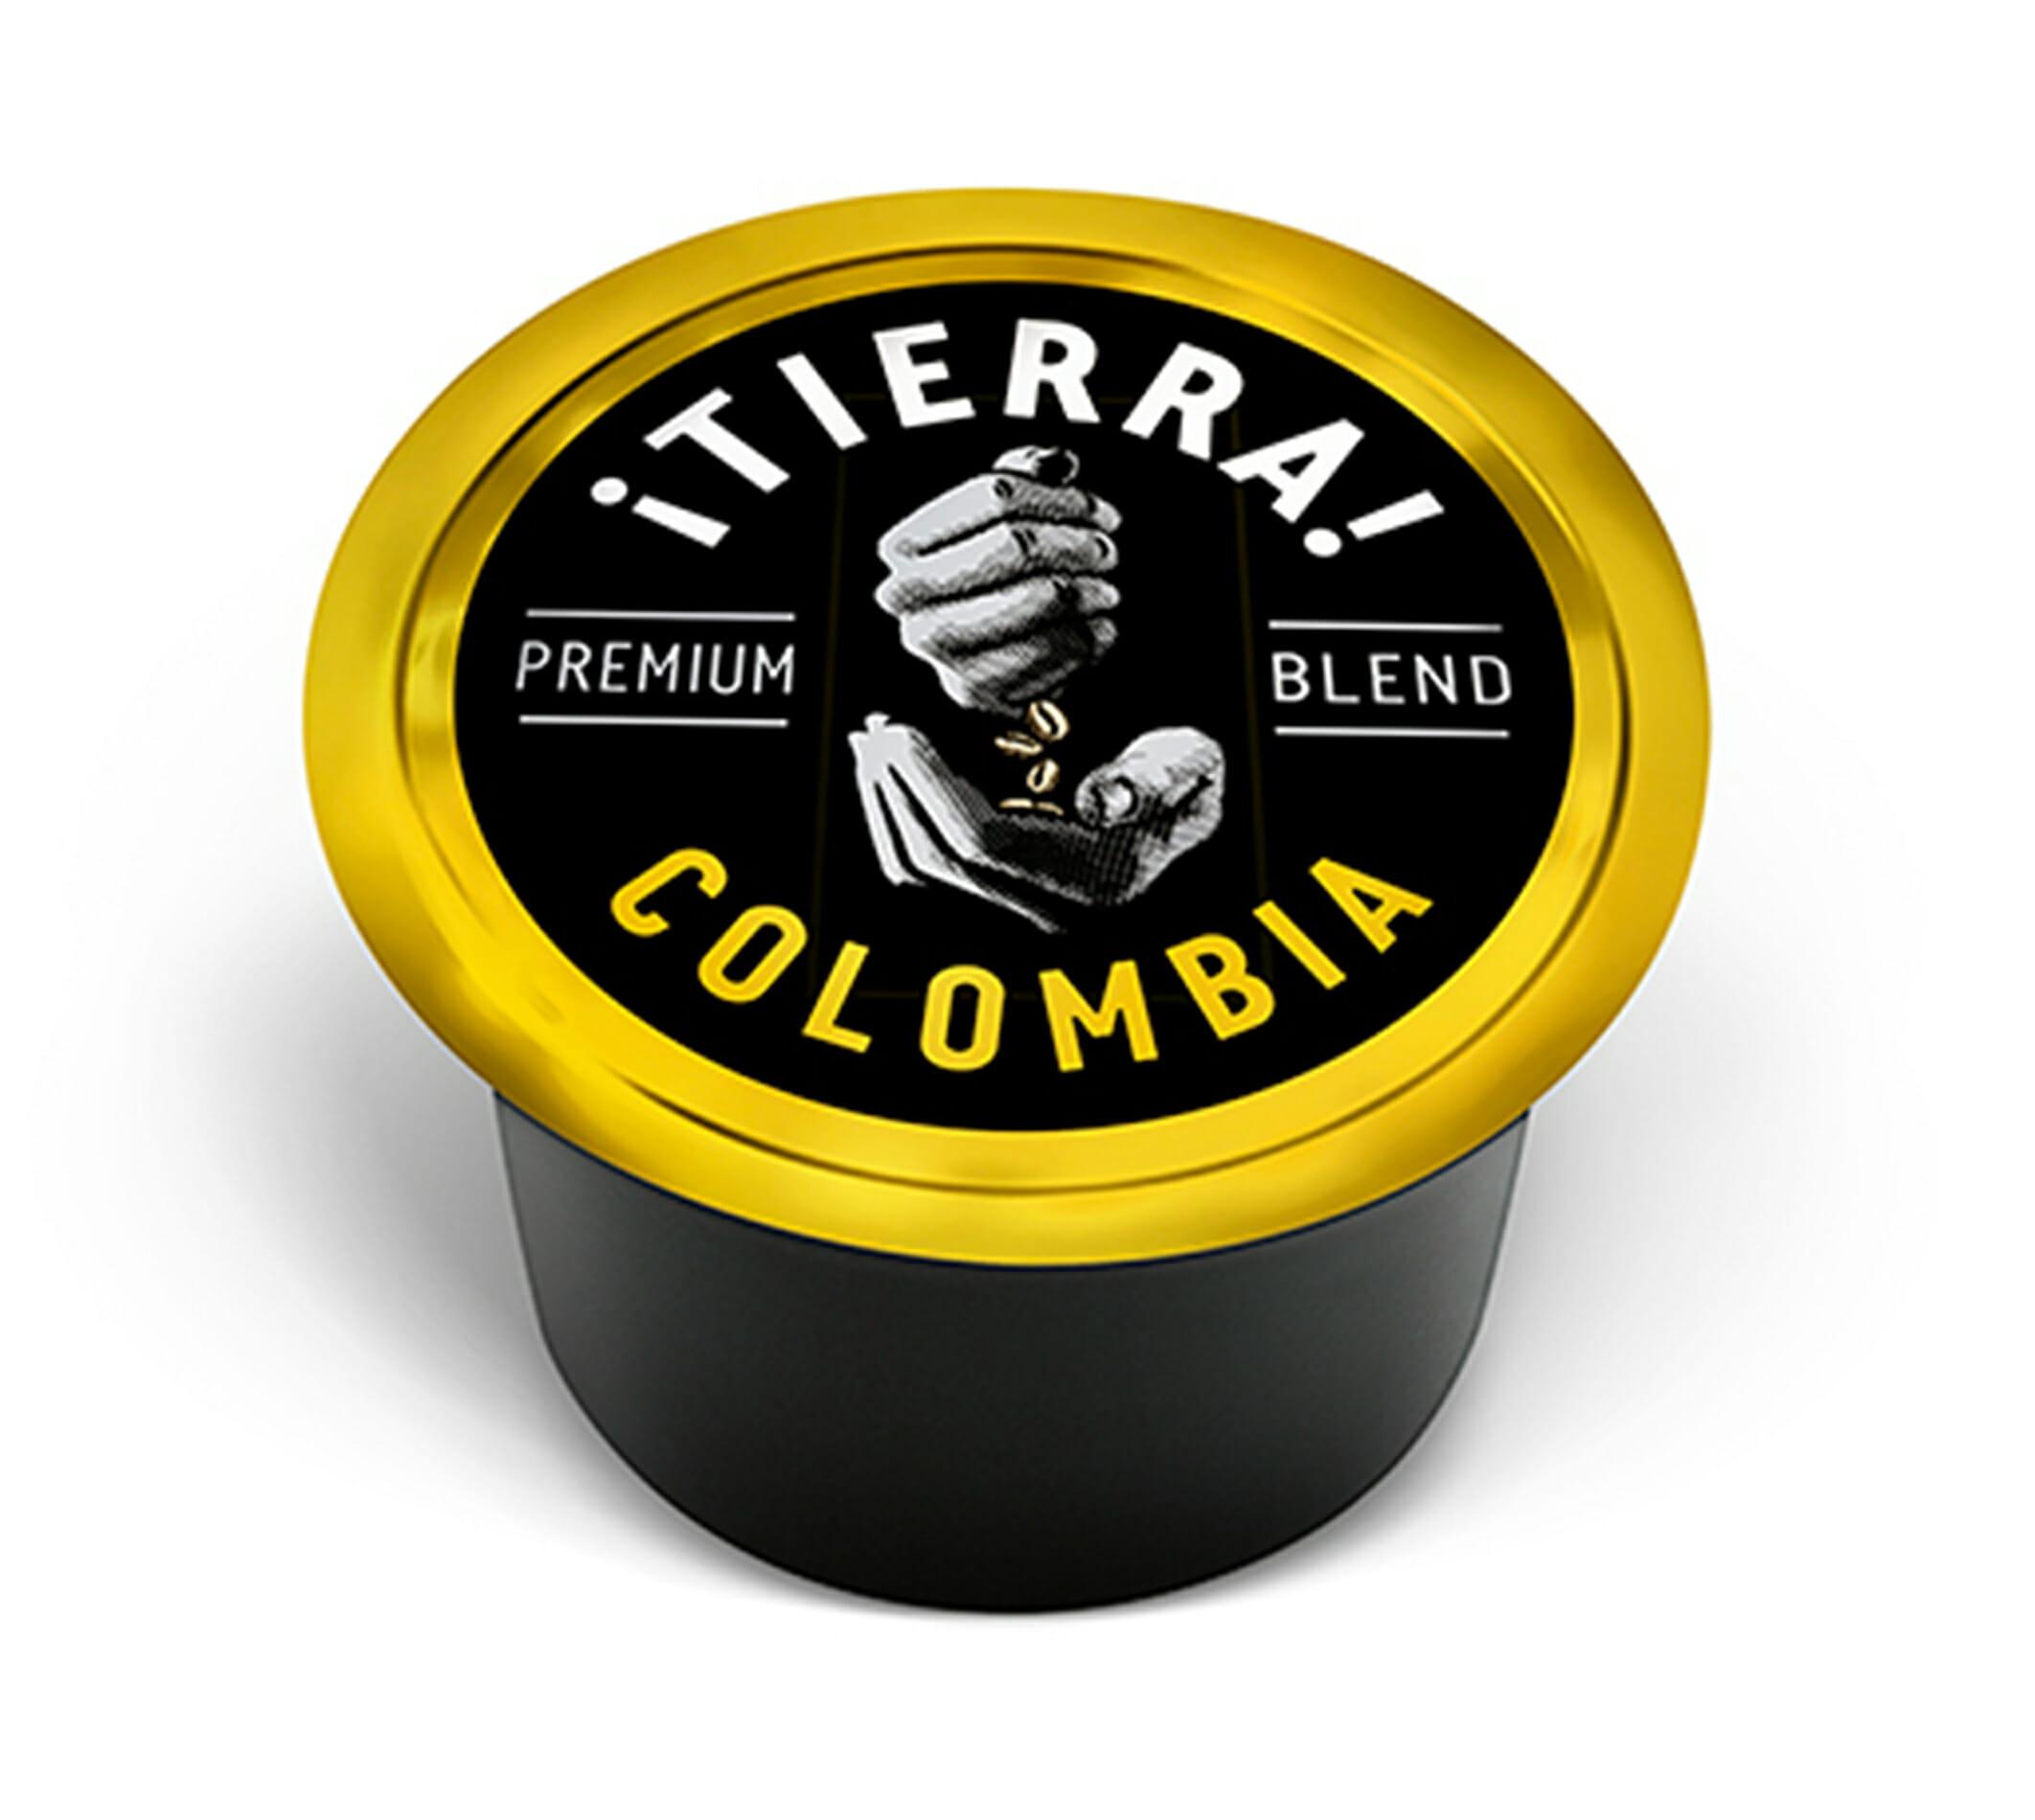 ¡TIERRA! COLOMBIA